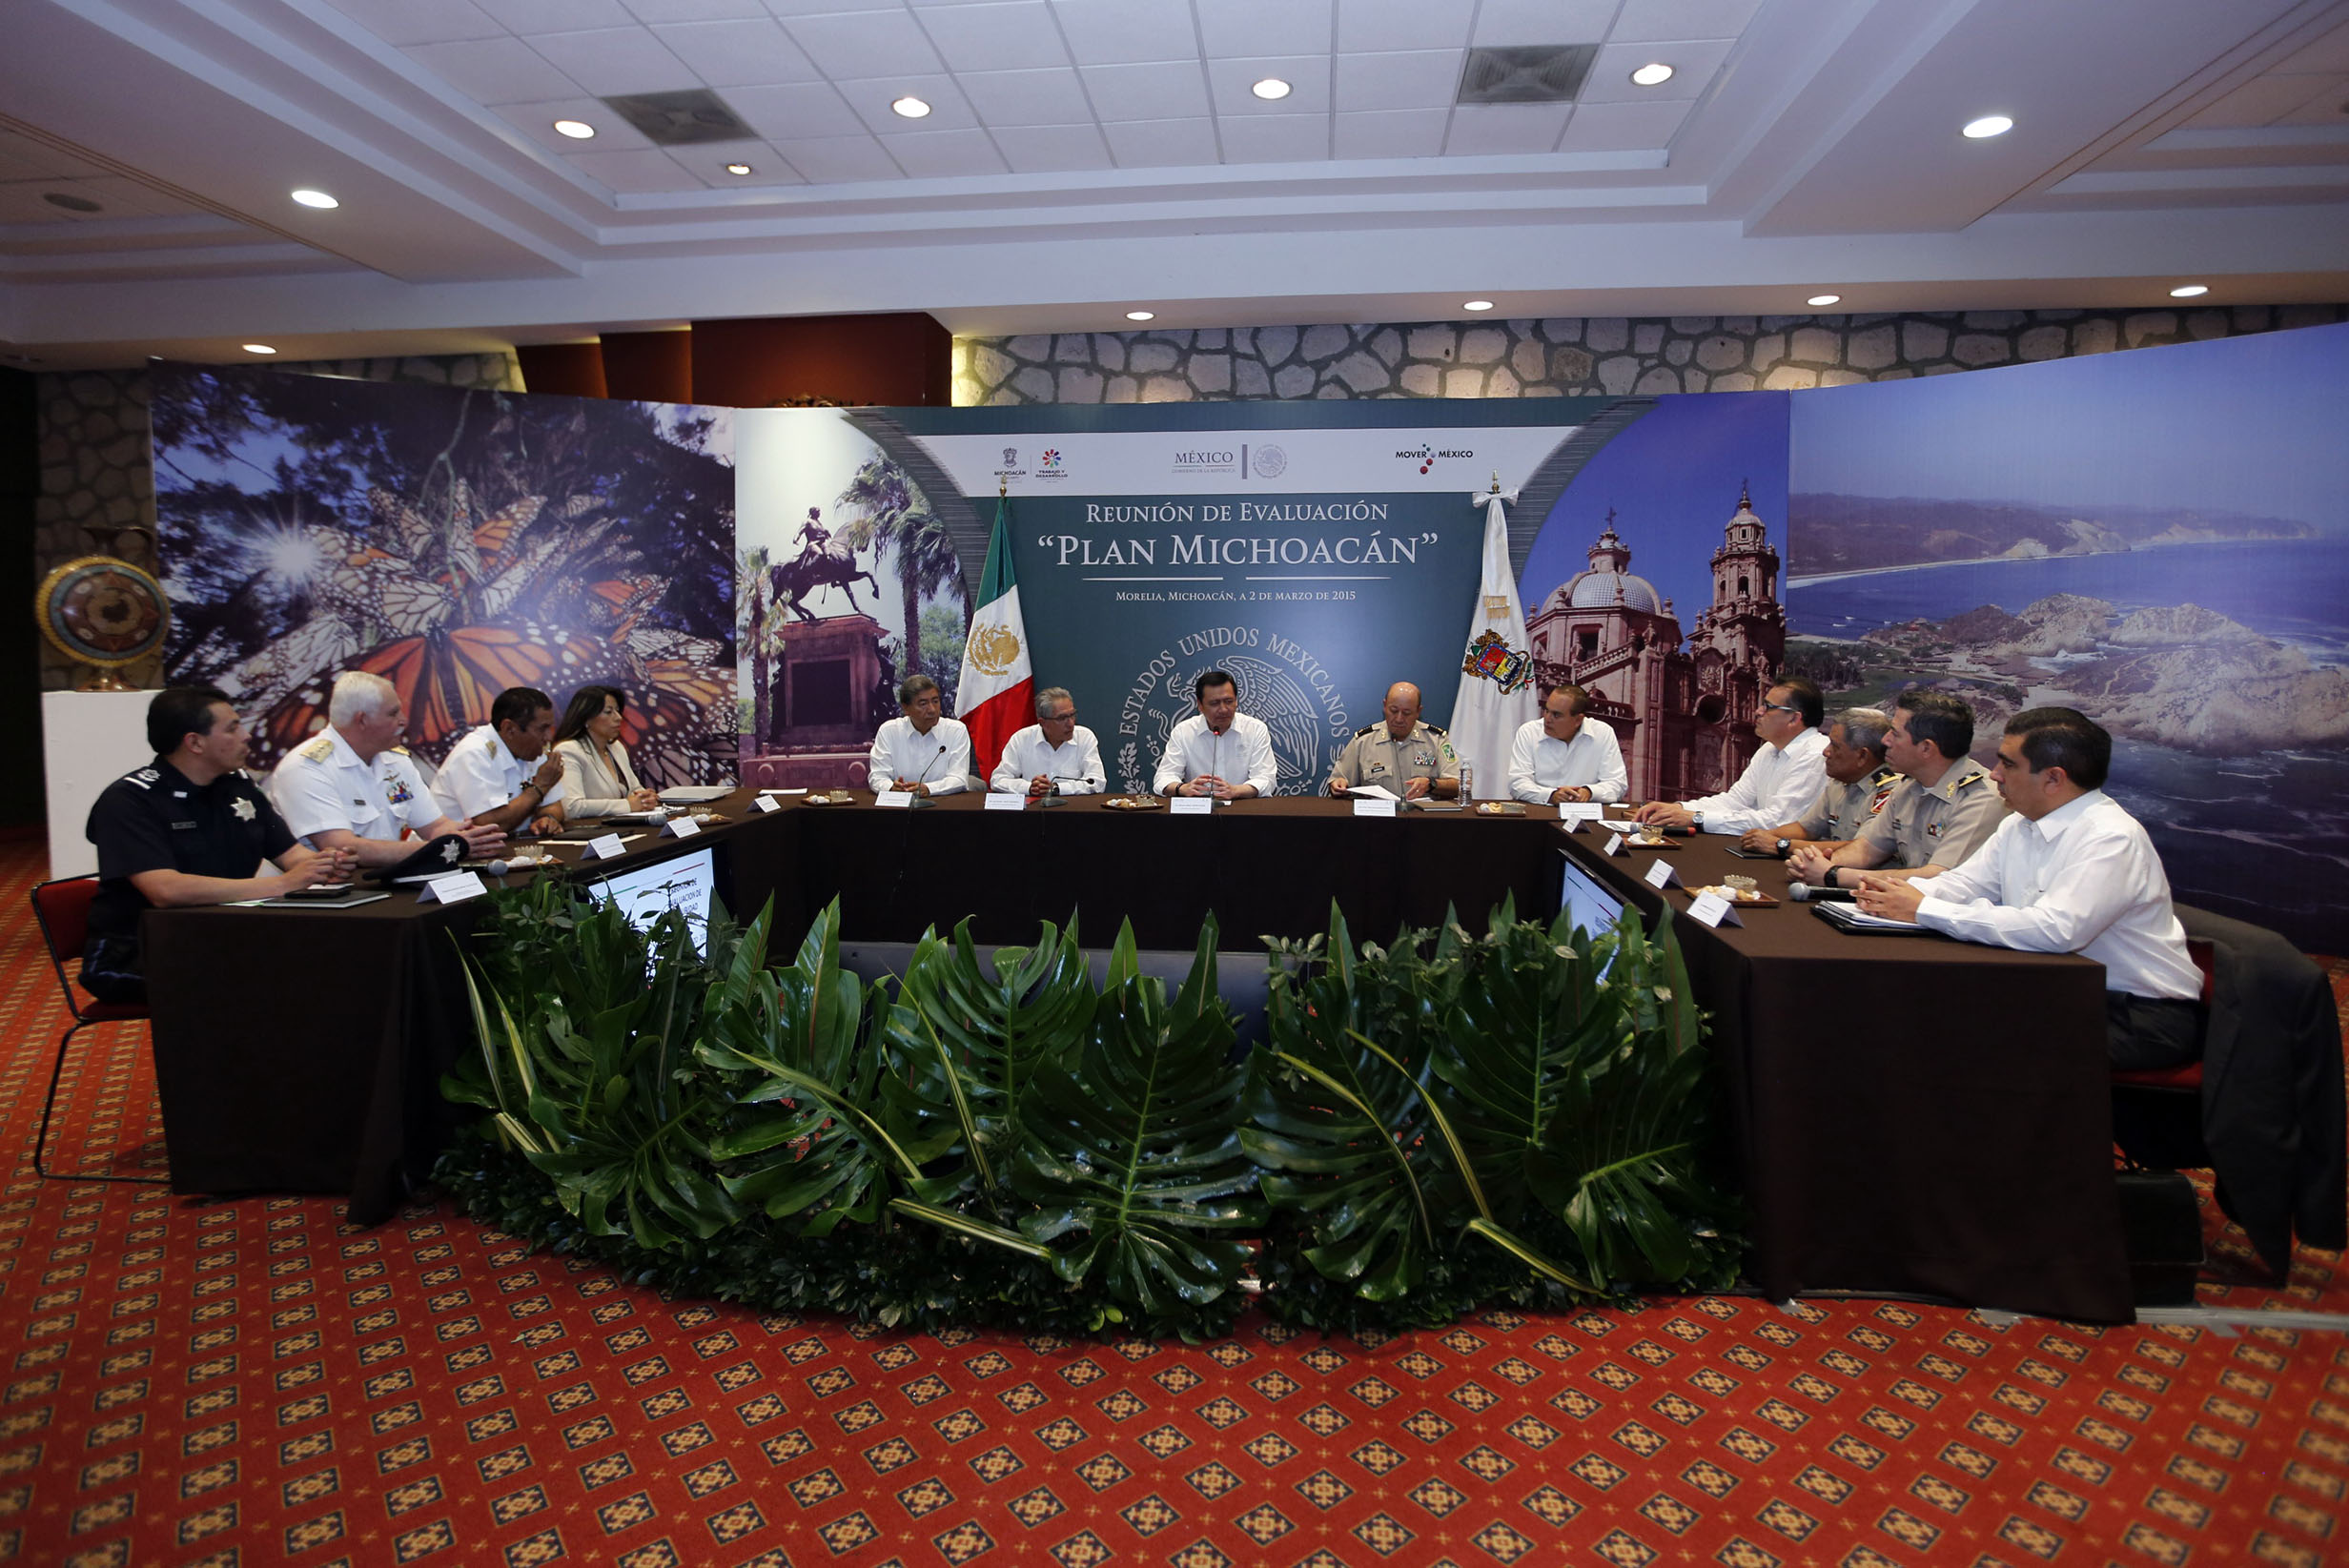 El Secretario de Gobernación, Miguel Ángel Osorio Chong, encabeza la Reunión de Evaluación Plan Michoacán en Morelia, Michoacán, para analizar los avances alcanzados con las estrategias implementadas en el estado.